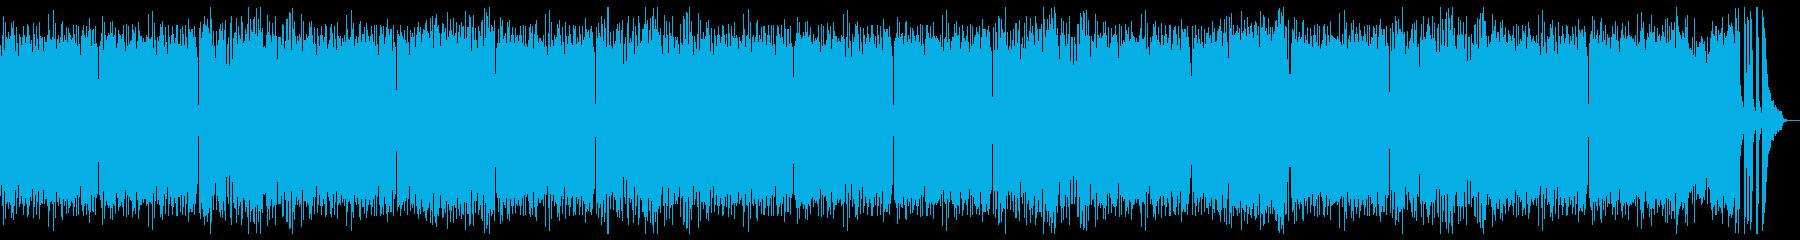 モーツアルト風の優しいピアノ:フル2回の再生済みの波形